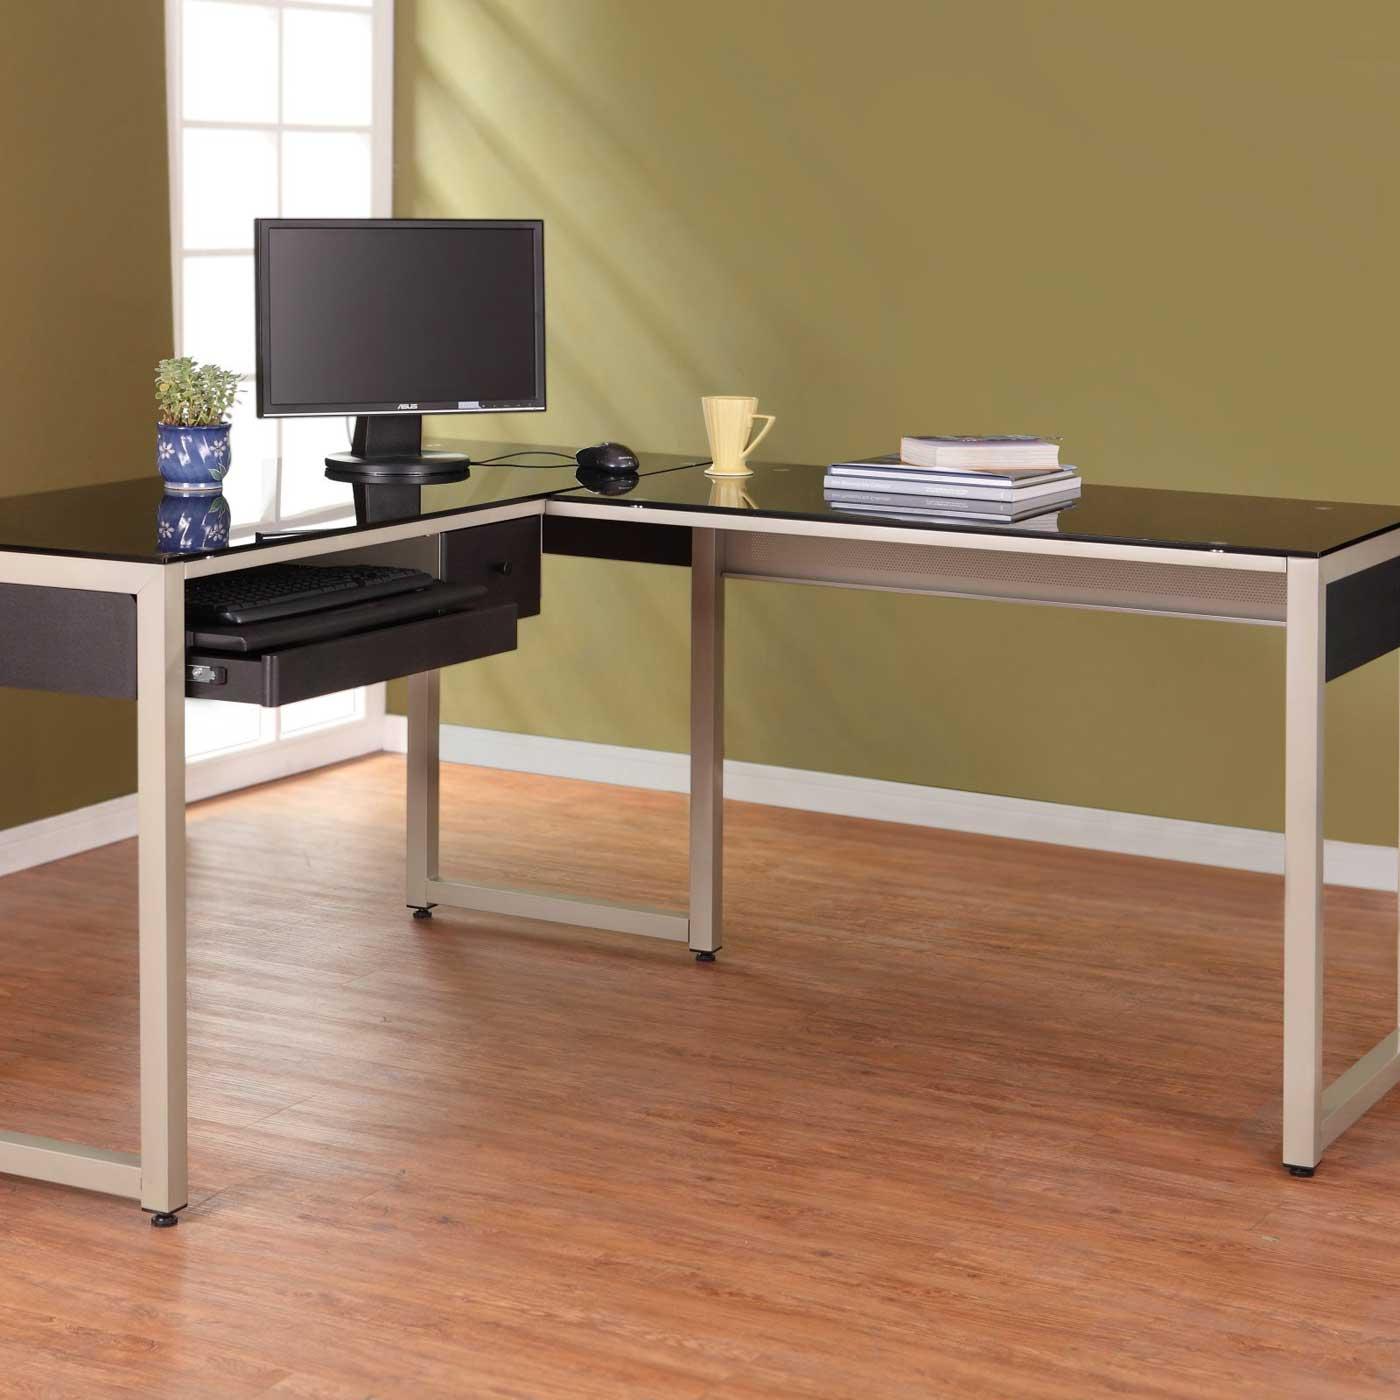 طاولات كمبيوتر ايكيا المرسال